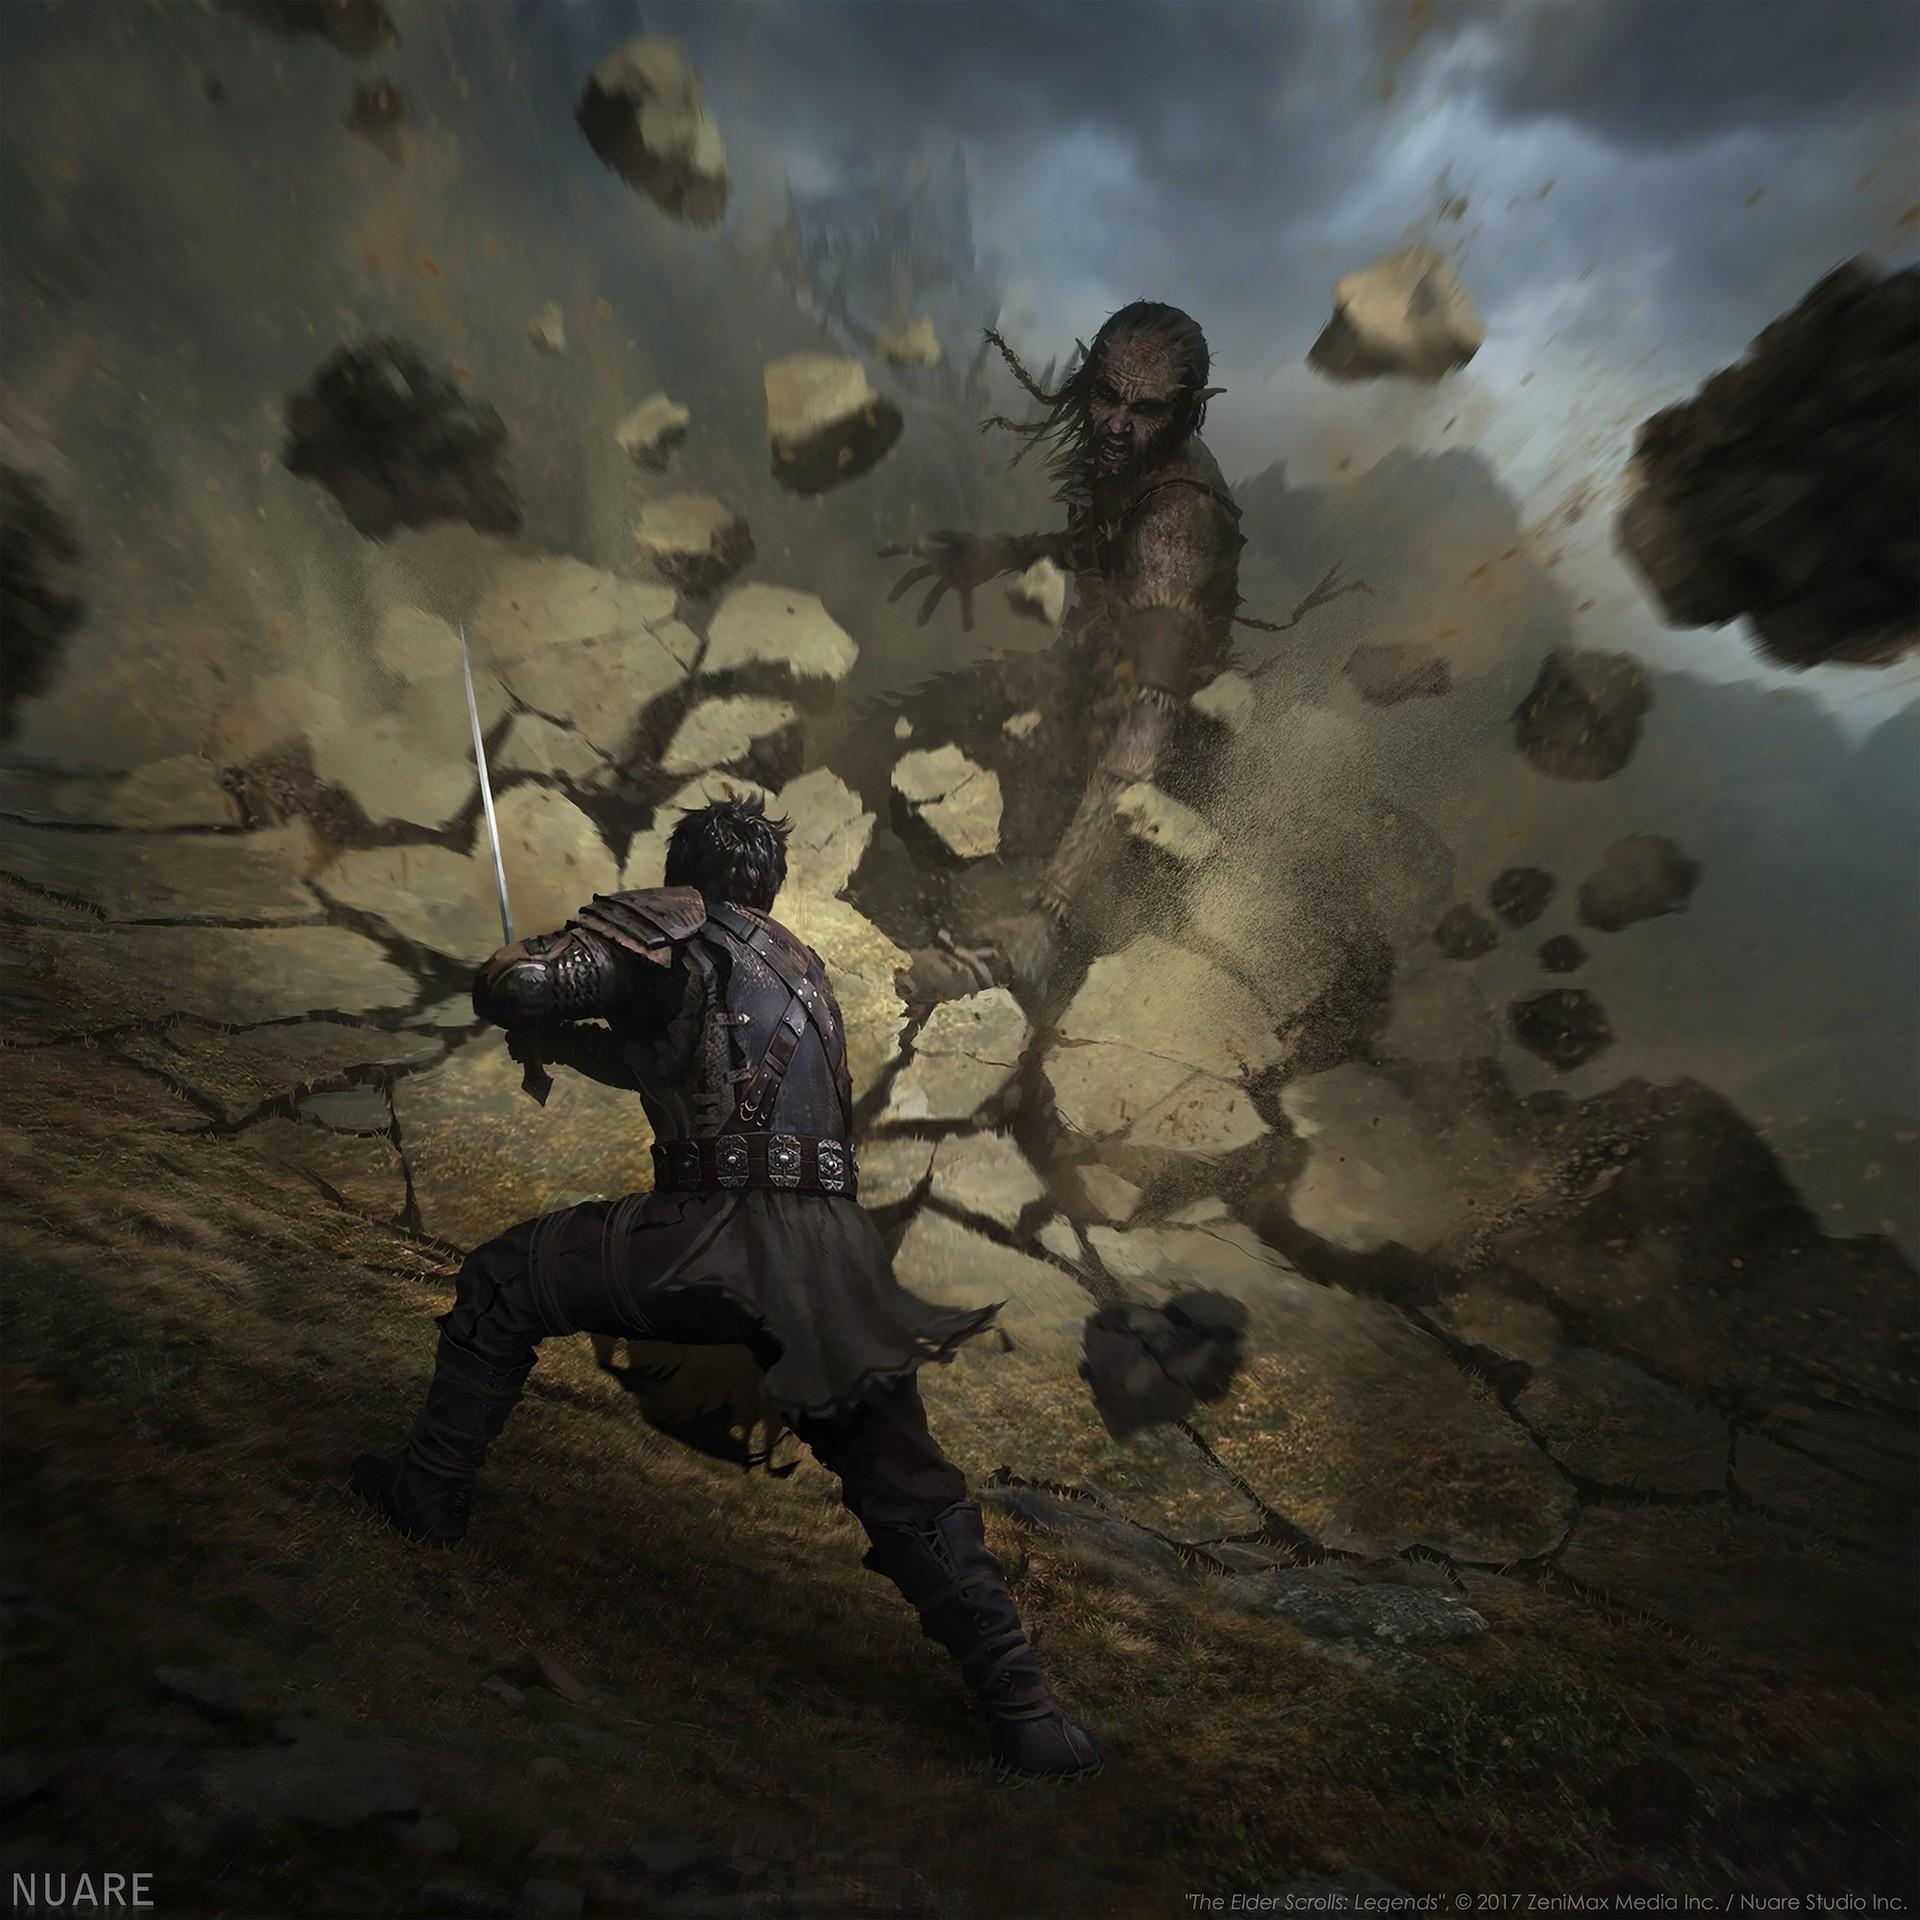 Bryan Sola и его тёмное фэнтези. - Изображение 21